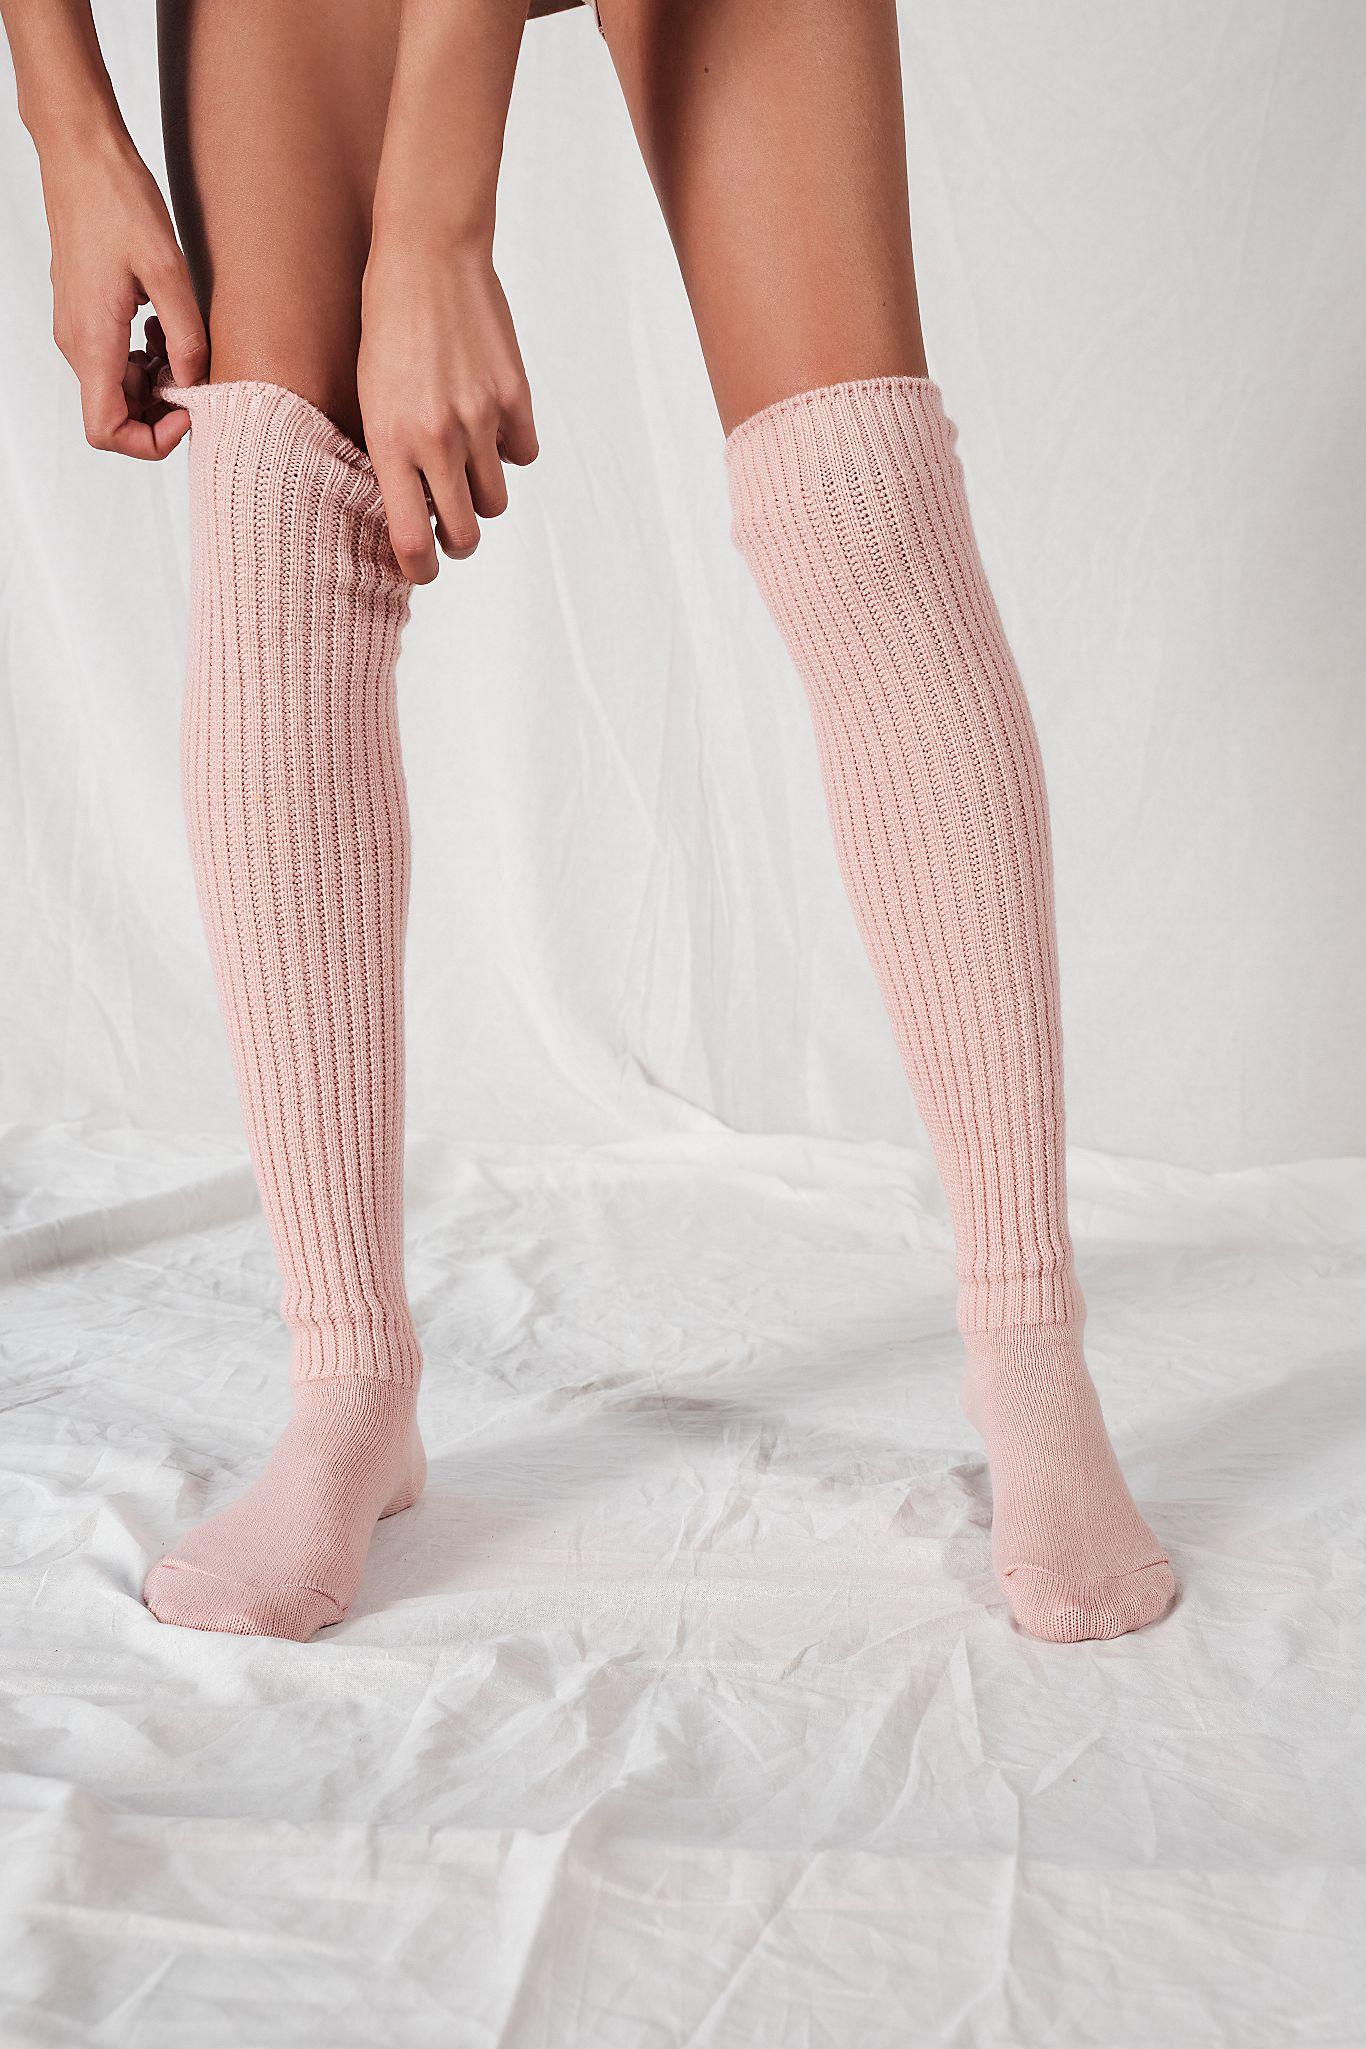 Bulky Knit Over-The-Knee Socks